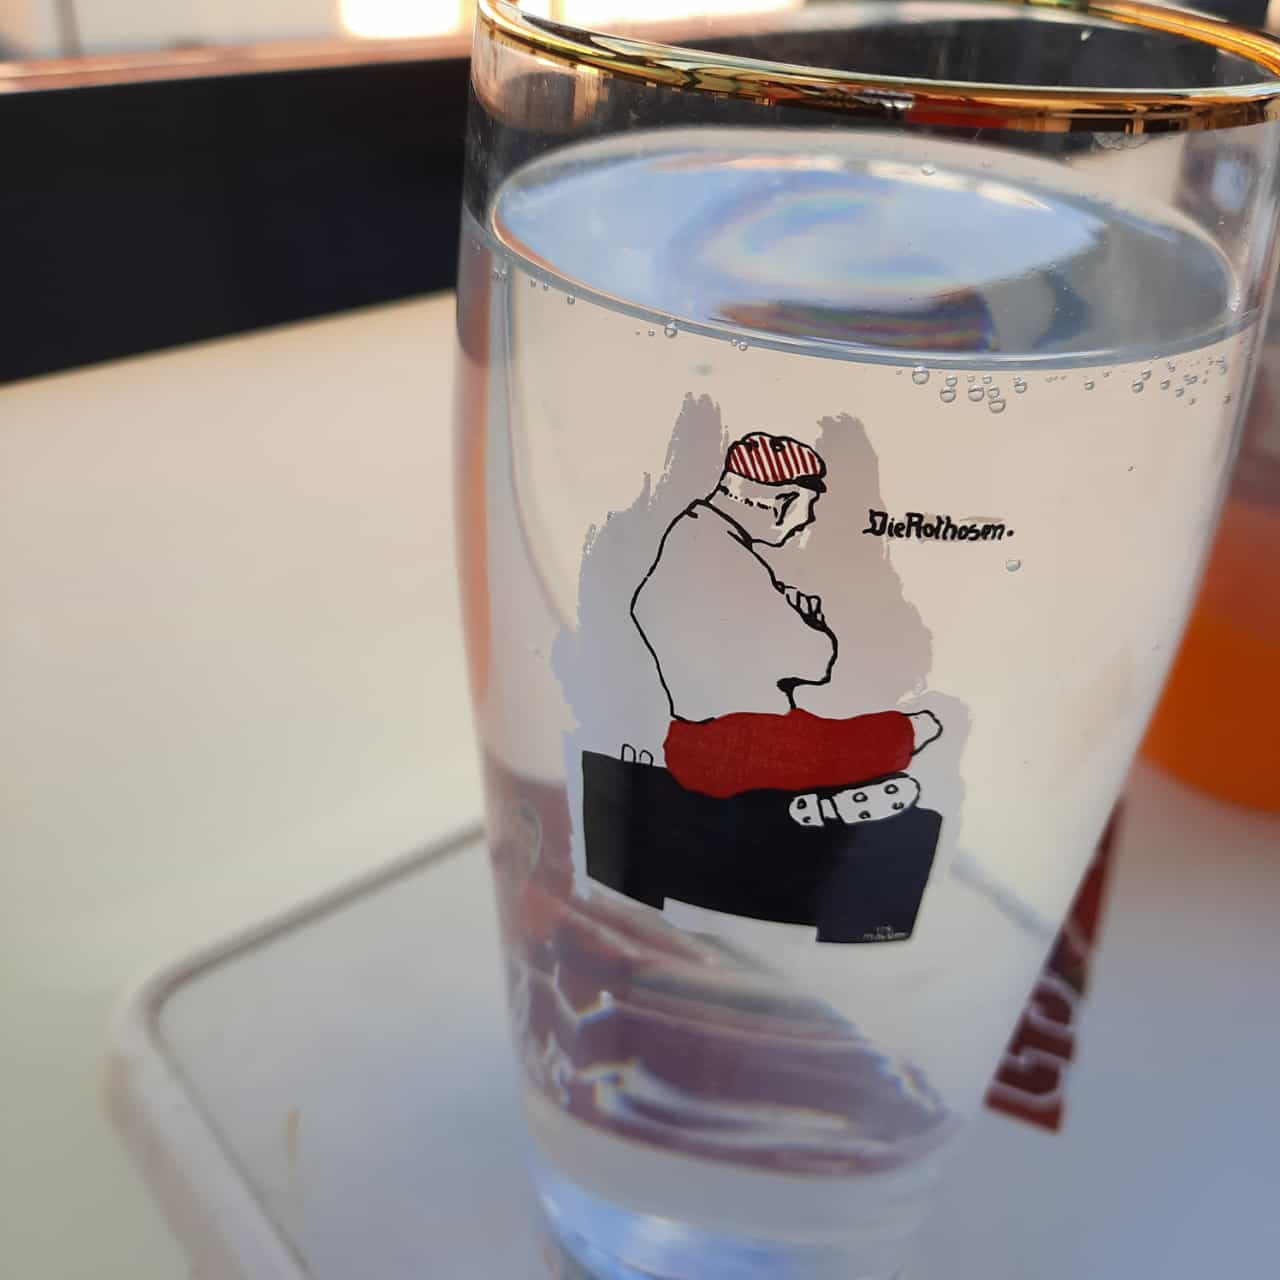 Ein tolles Glas der Kurt Landauer Stiftung - wenn ihr auf das Bild klickt gelangt ihr per Link dorthin! ;-)